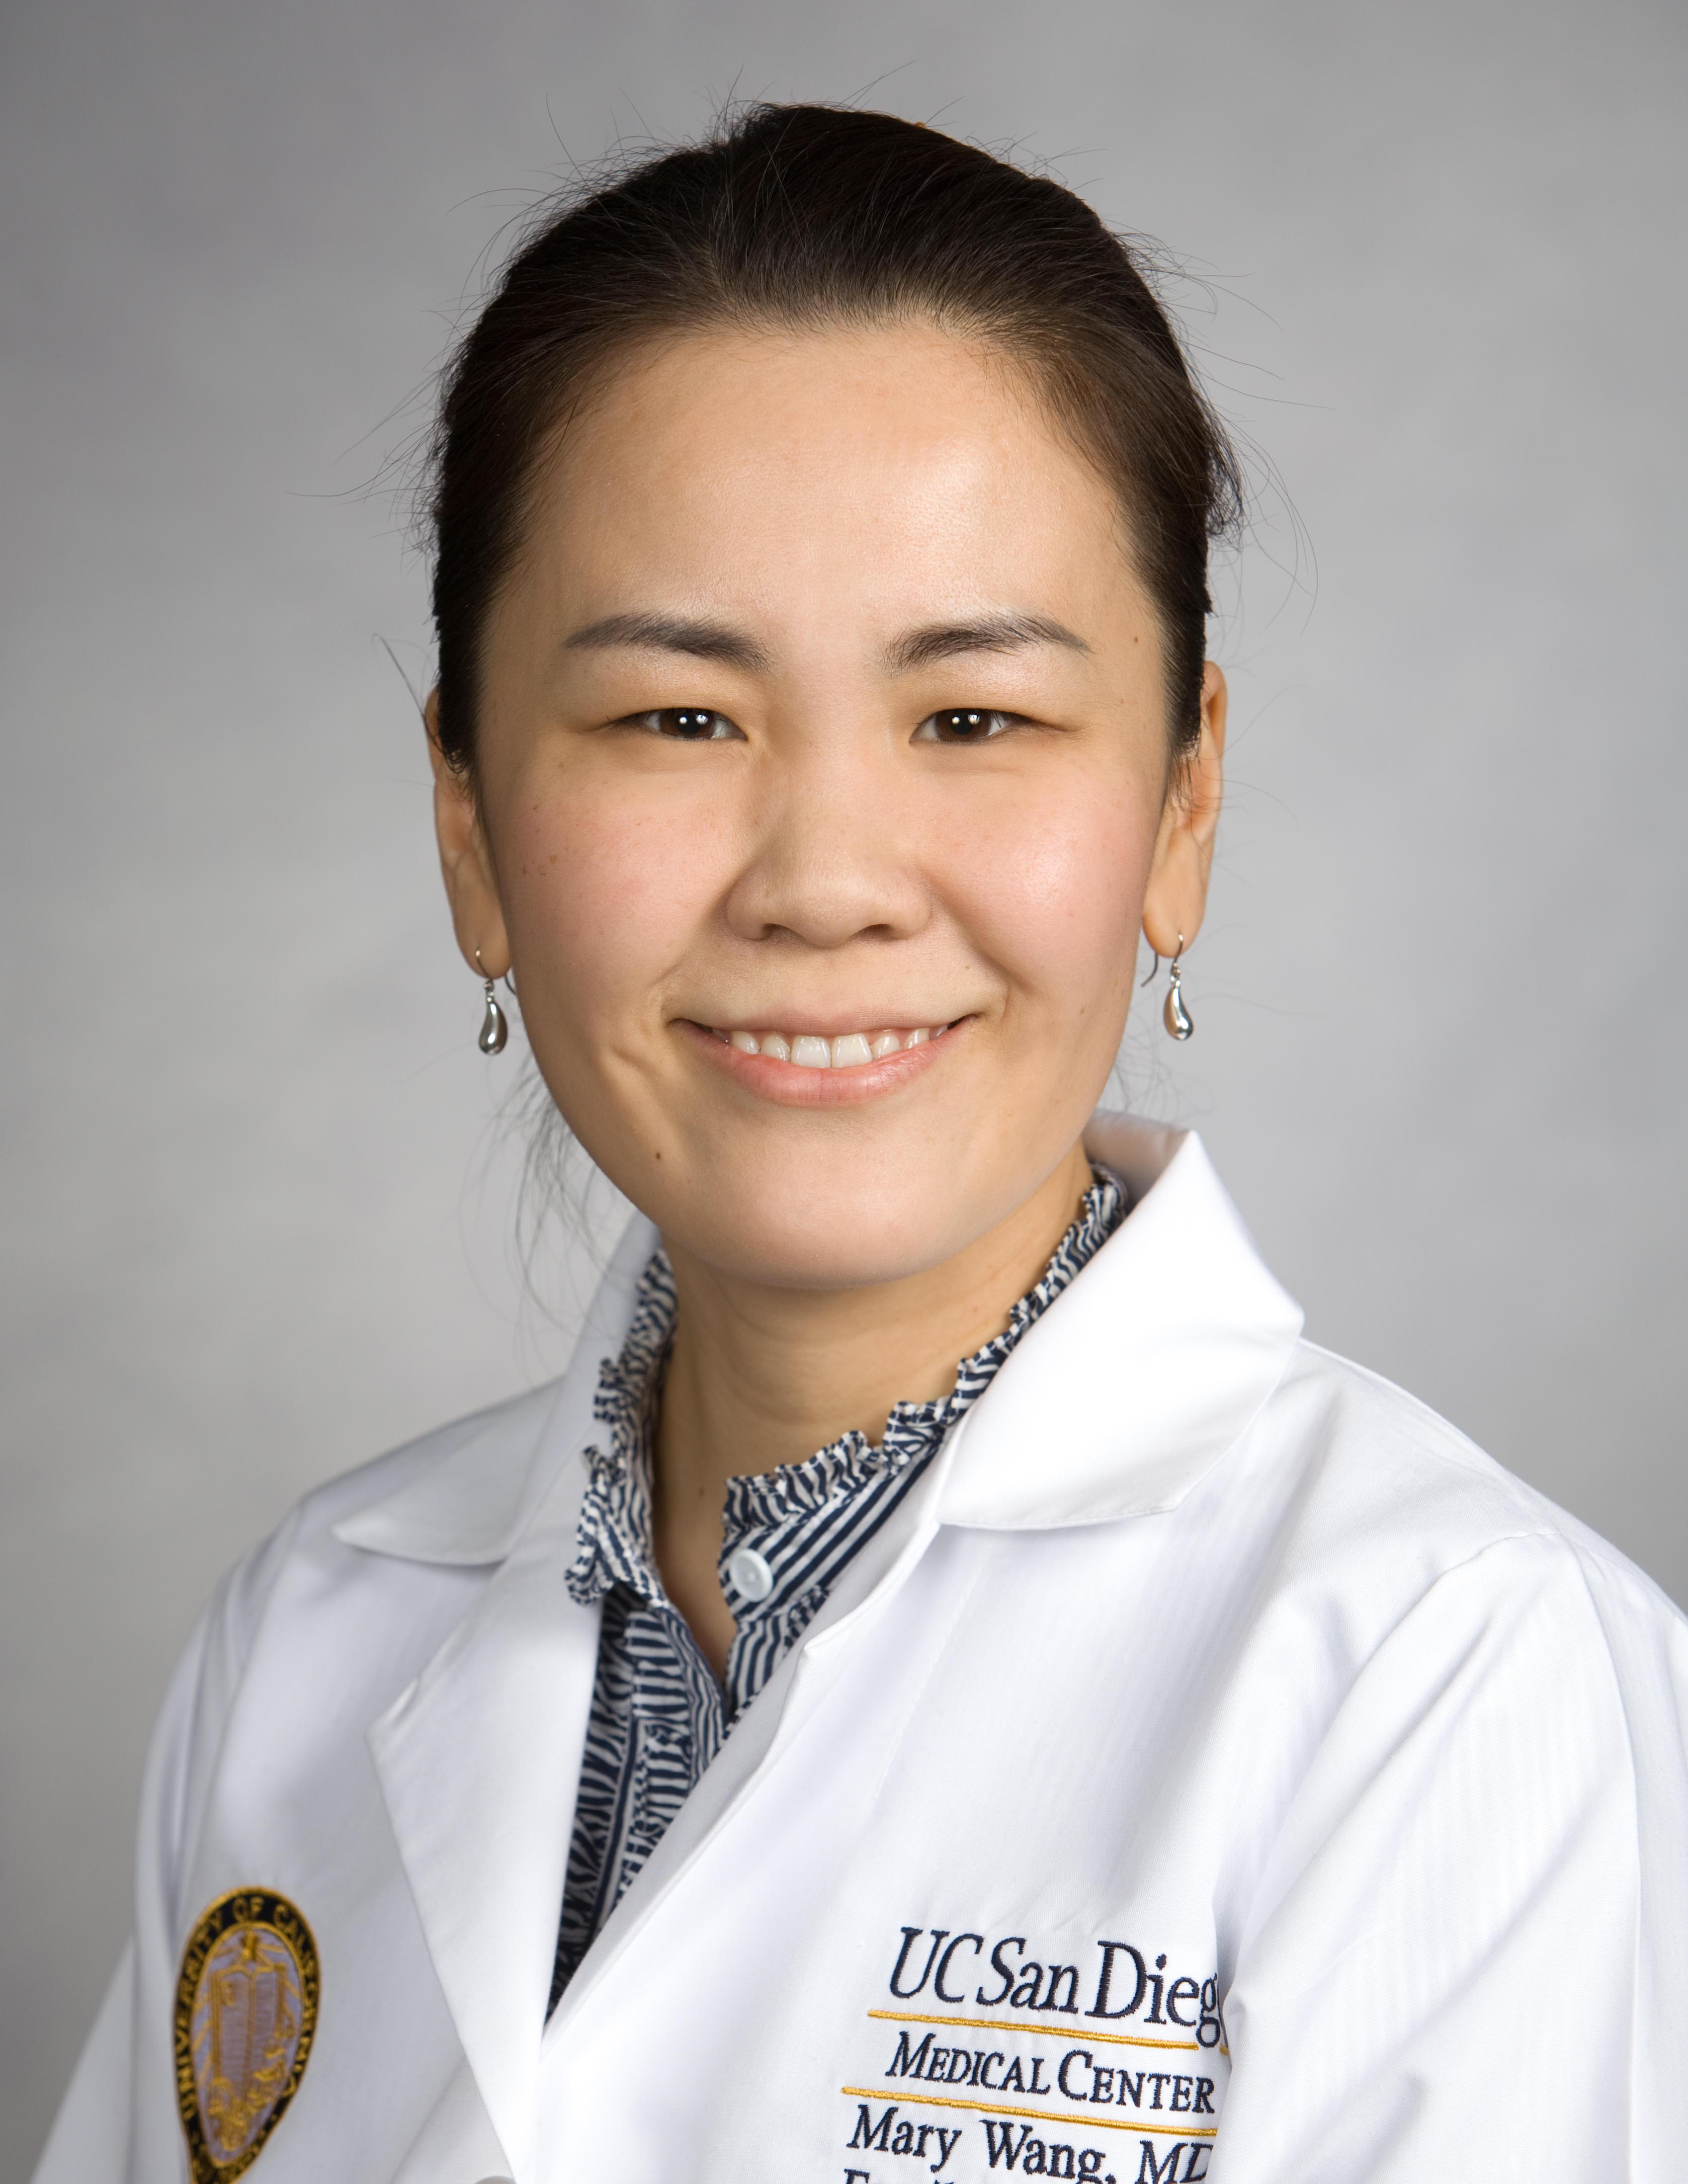 Mary Wang, MD